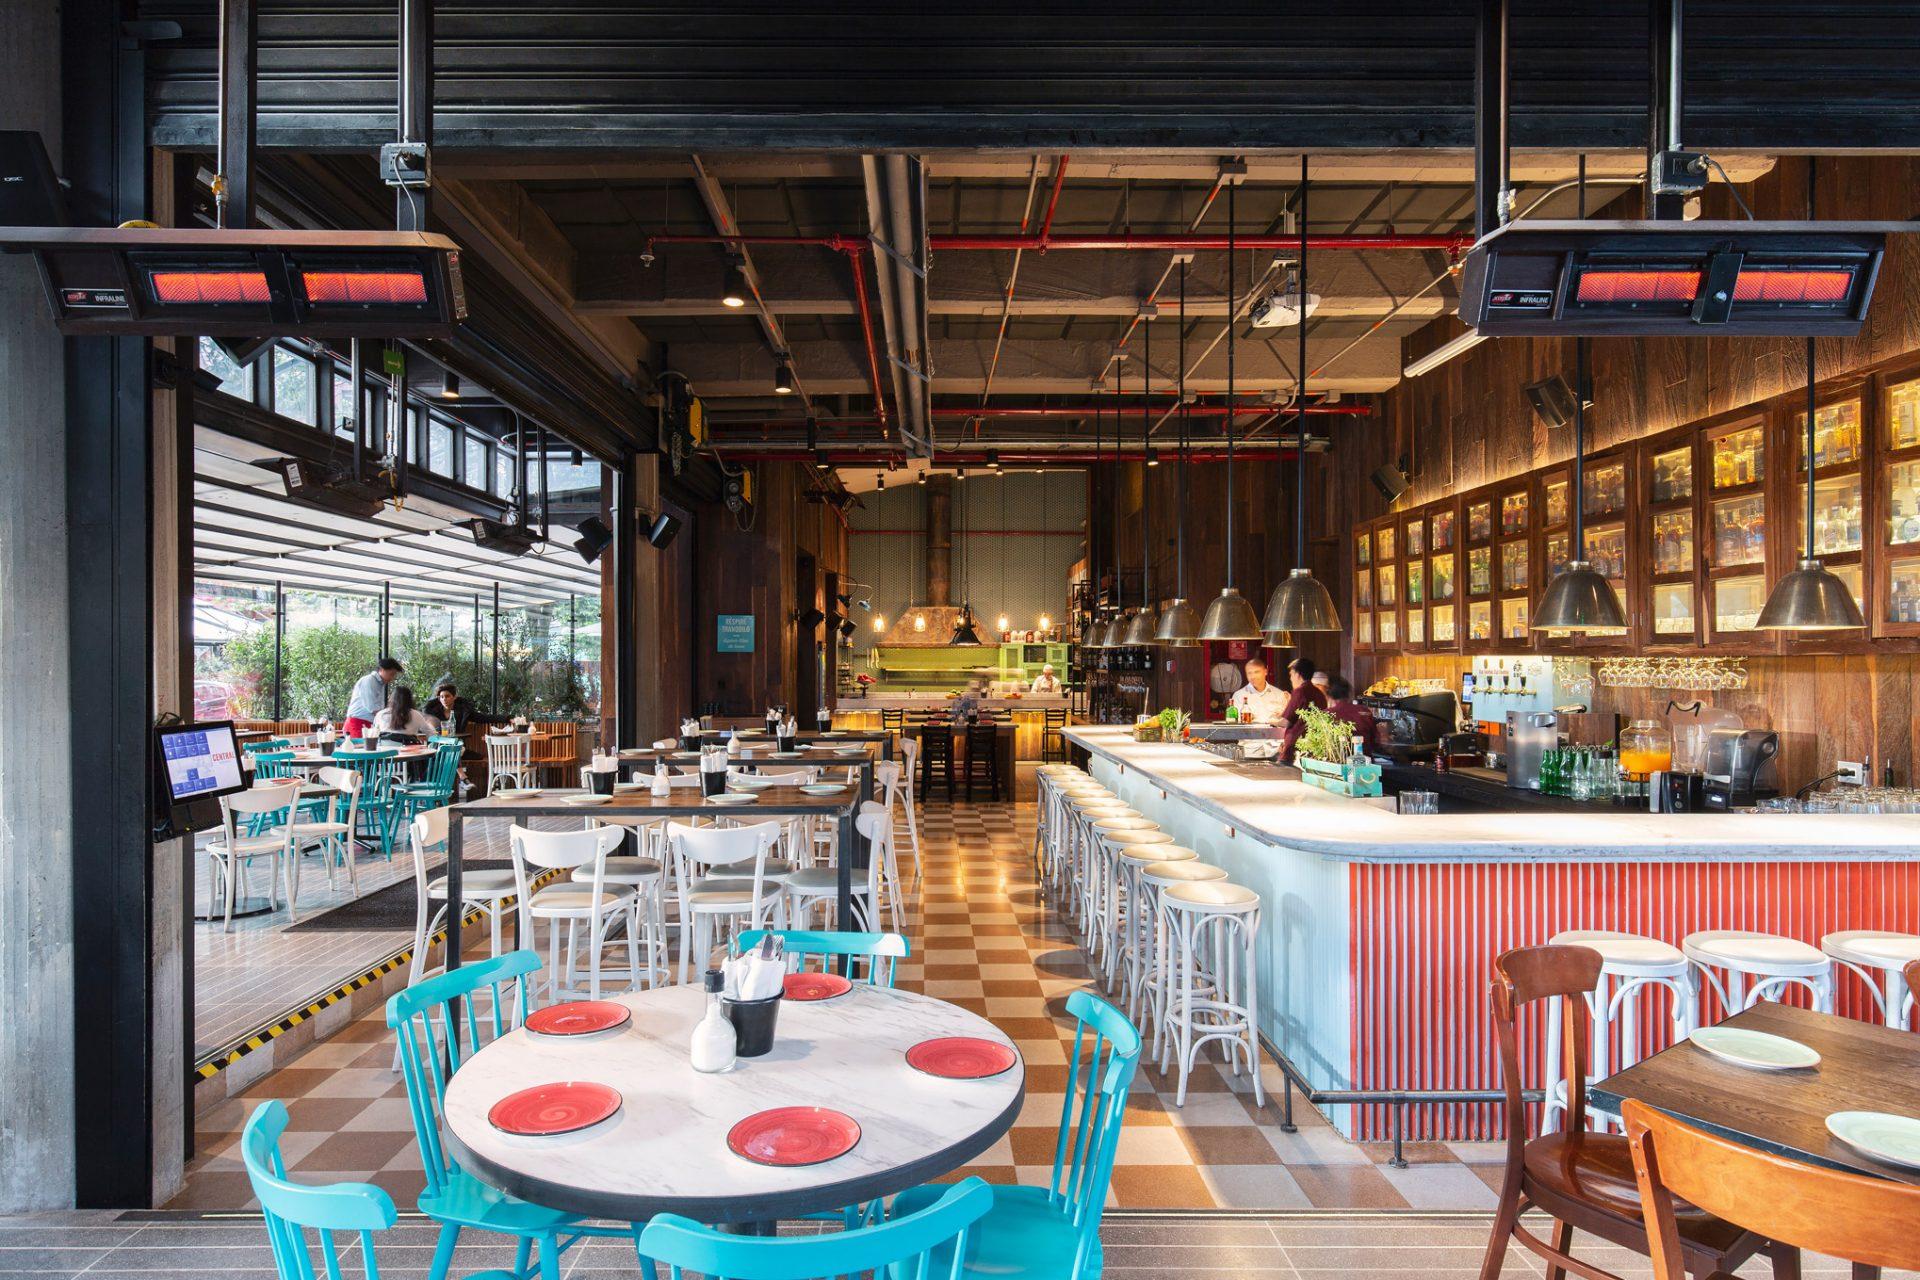 09muñoz.bosch.cevivheria.bogota.restaurante.simonbosch.photography.interior.coala.constructora